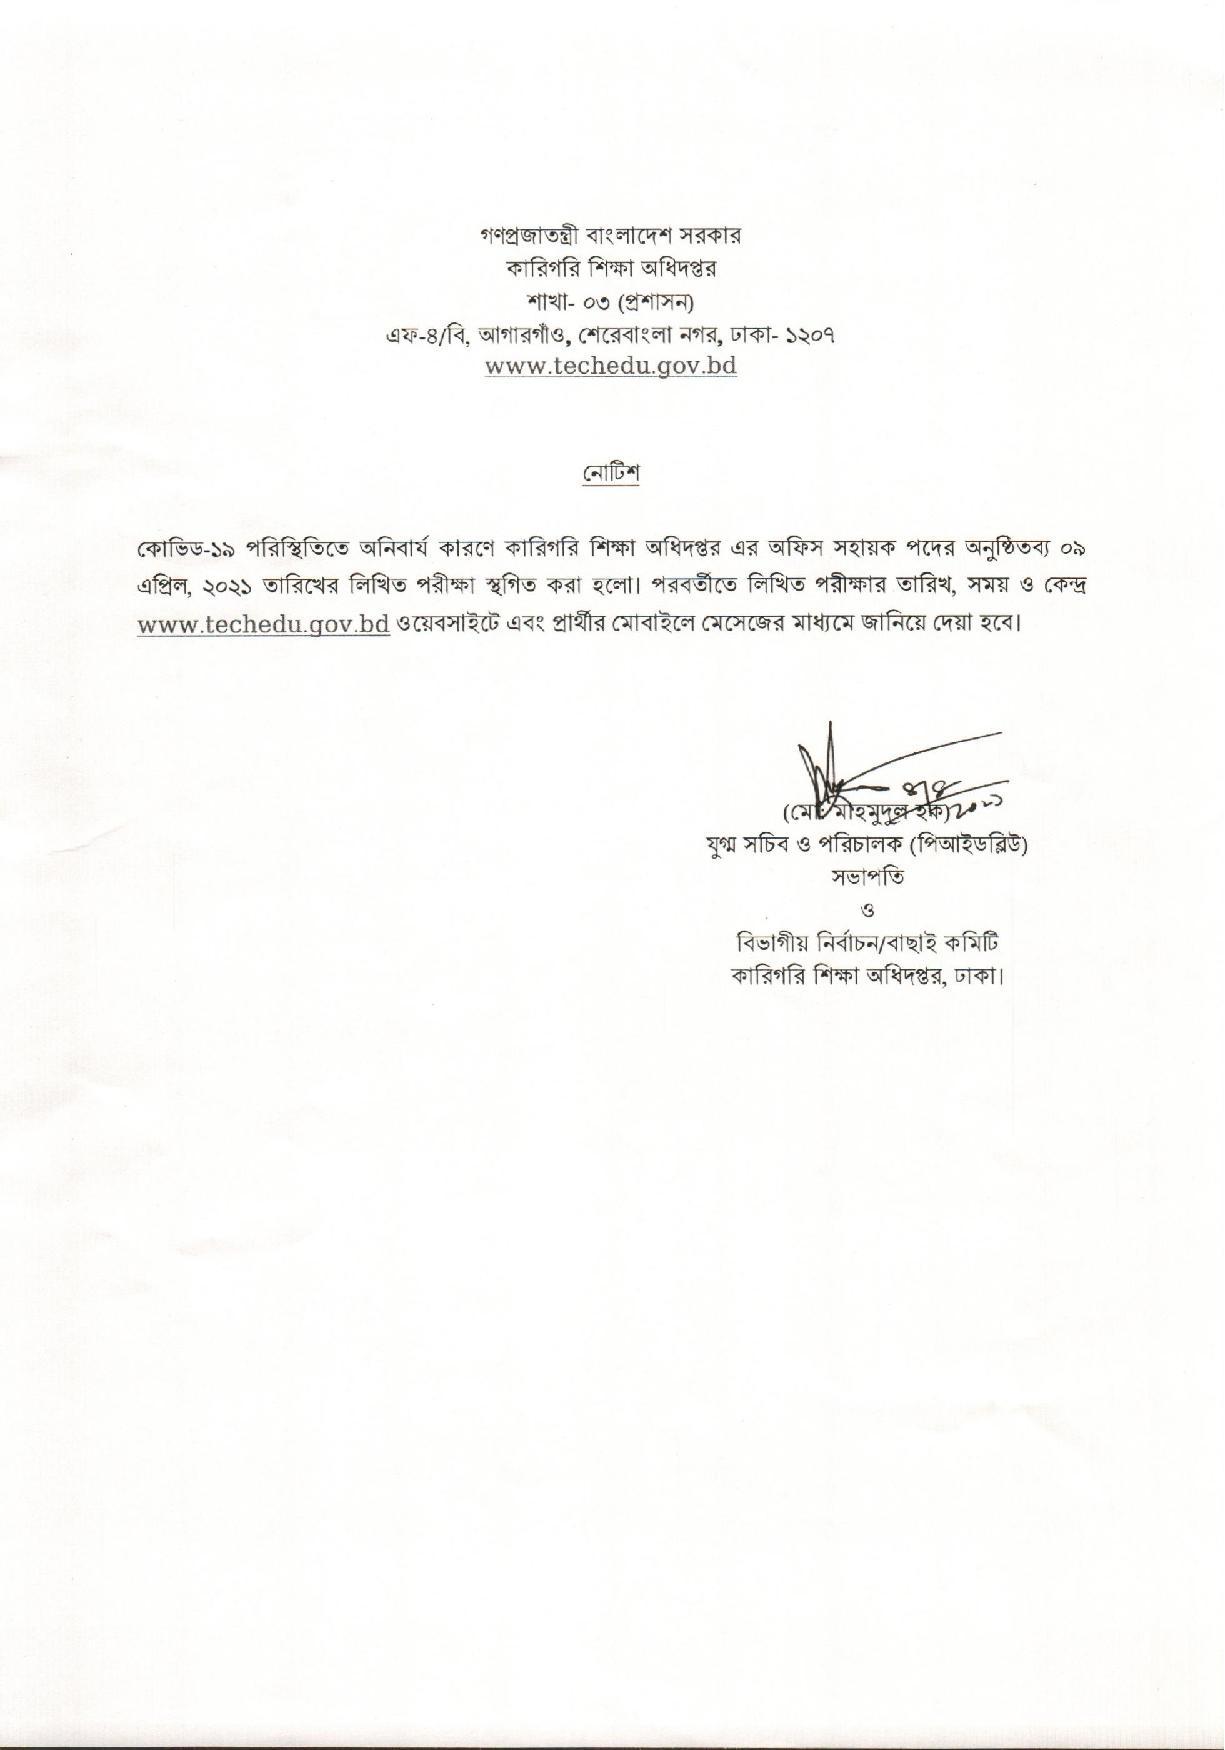 techedu job exam notice